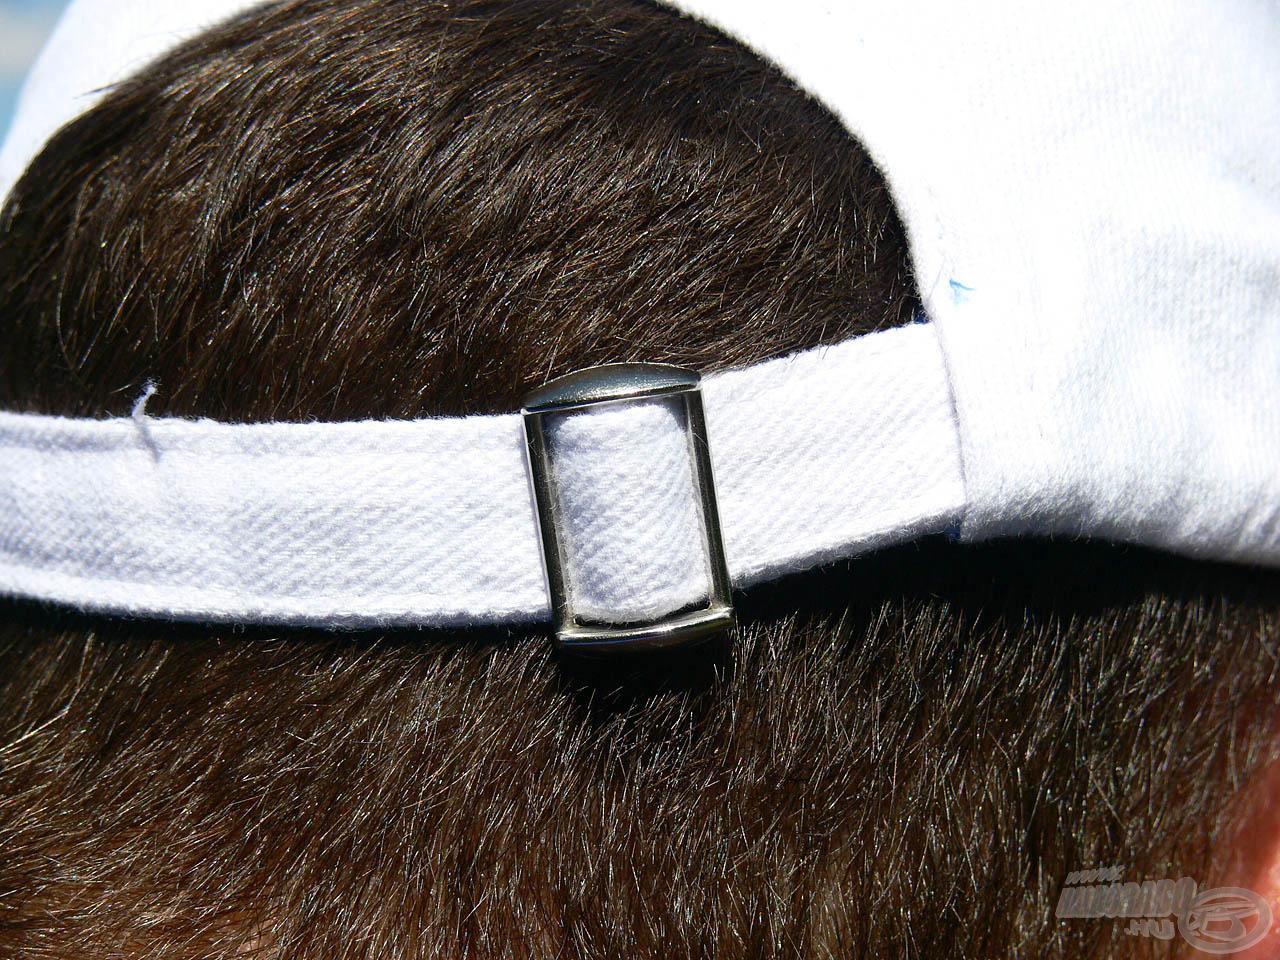 A sapka mérete tetszés szerint állítható a hátul lévő erős fém kapocs segítségével